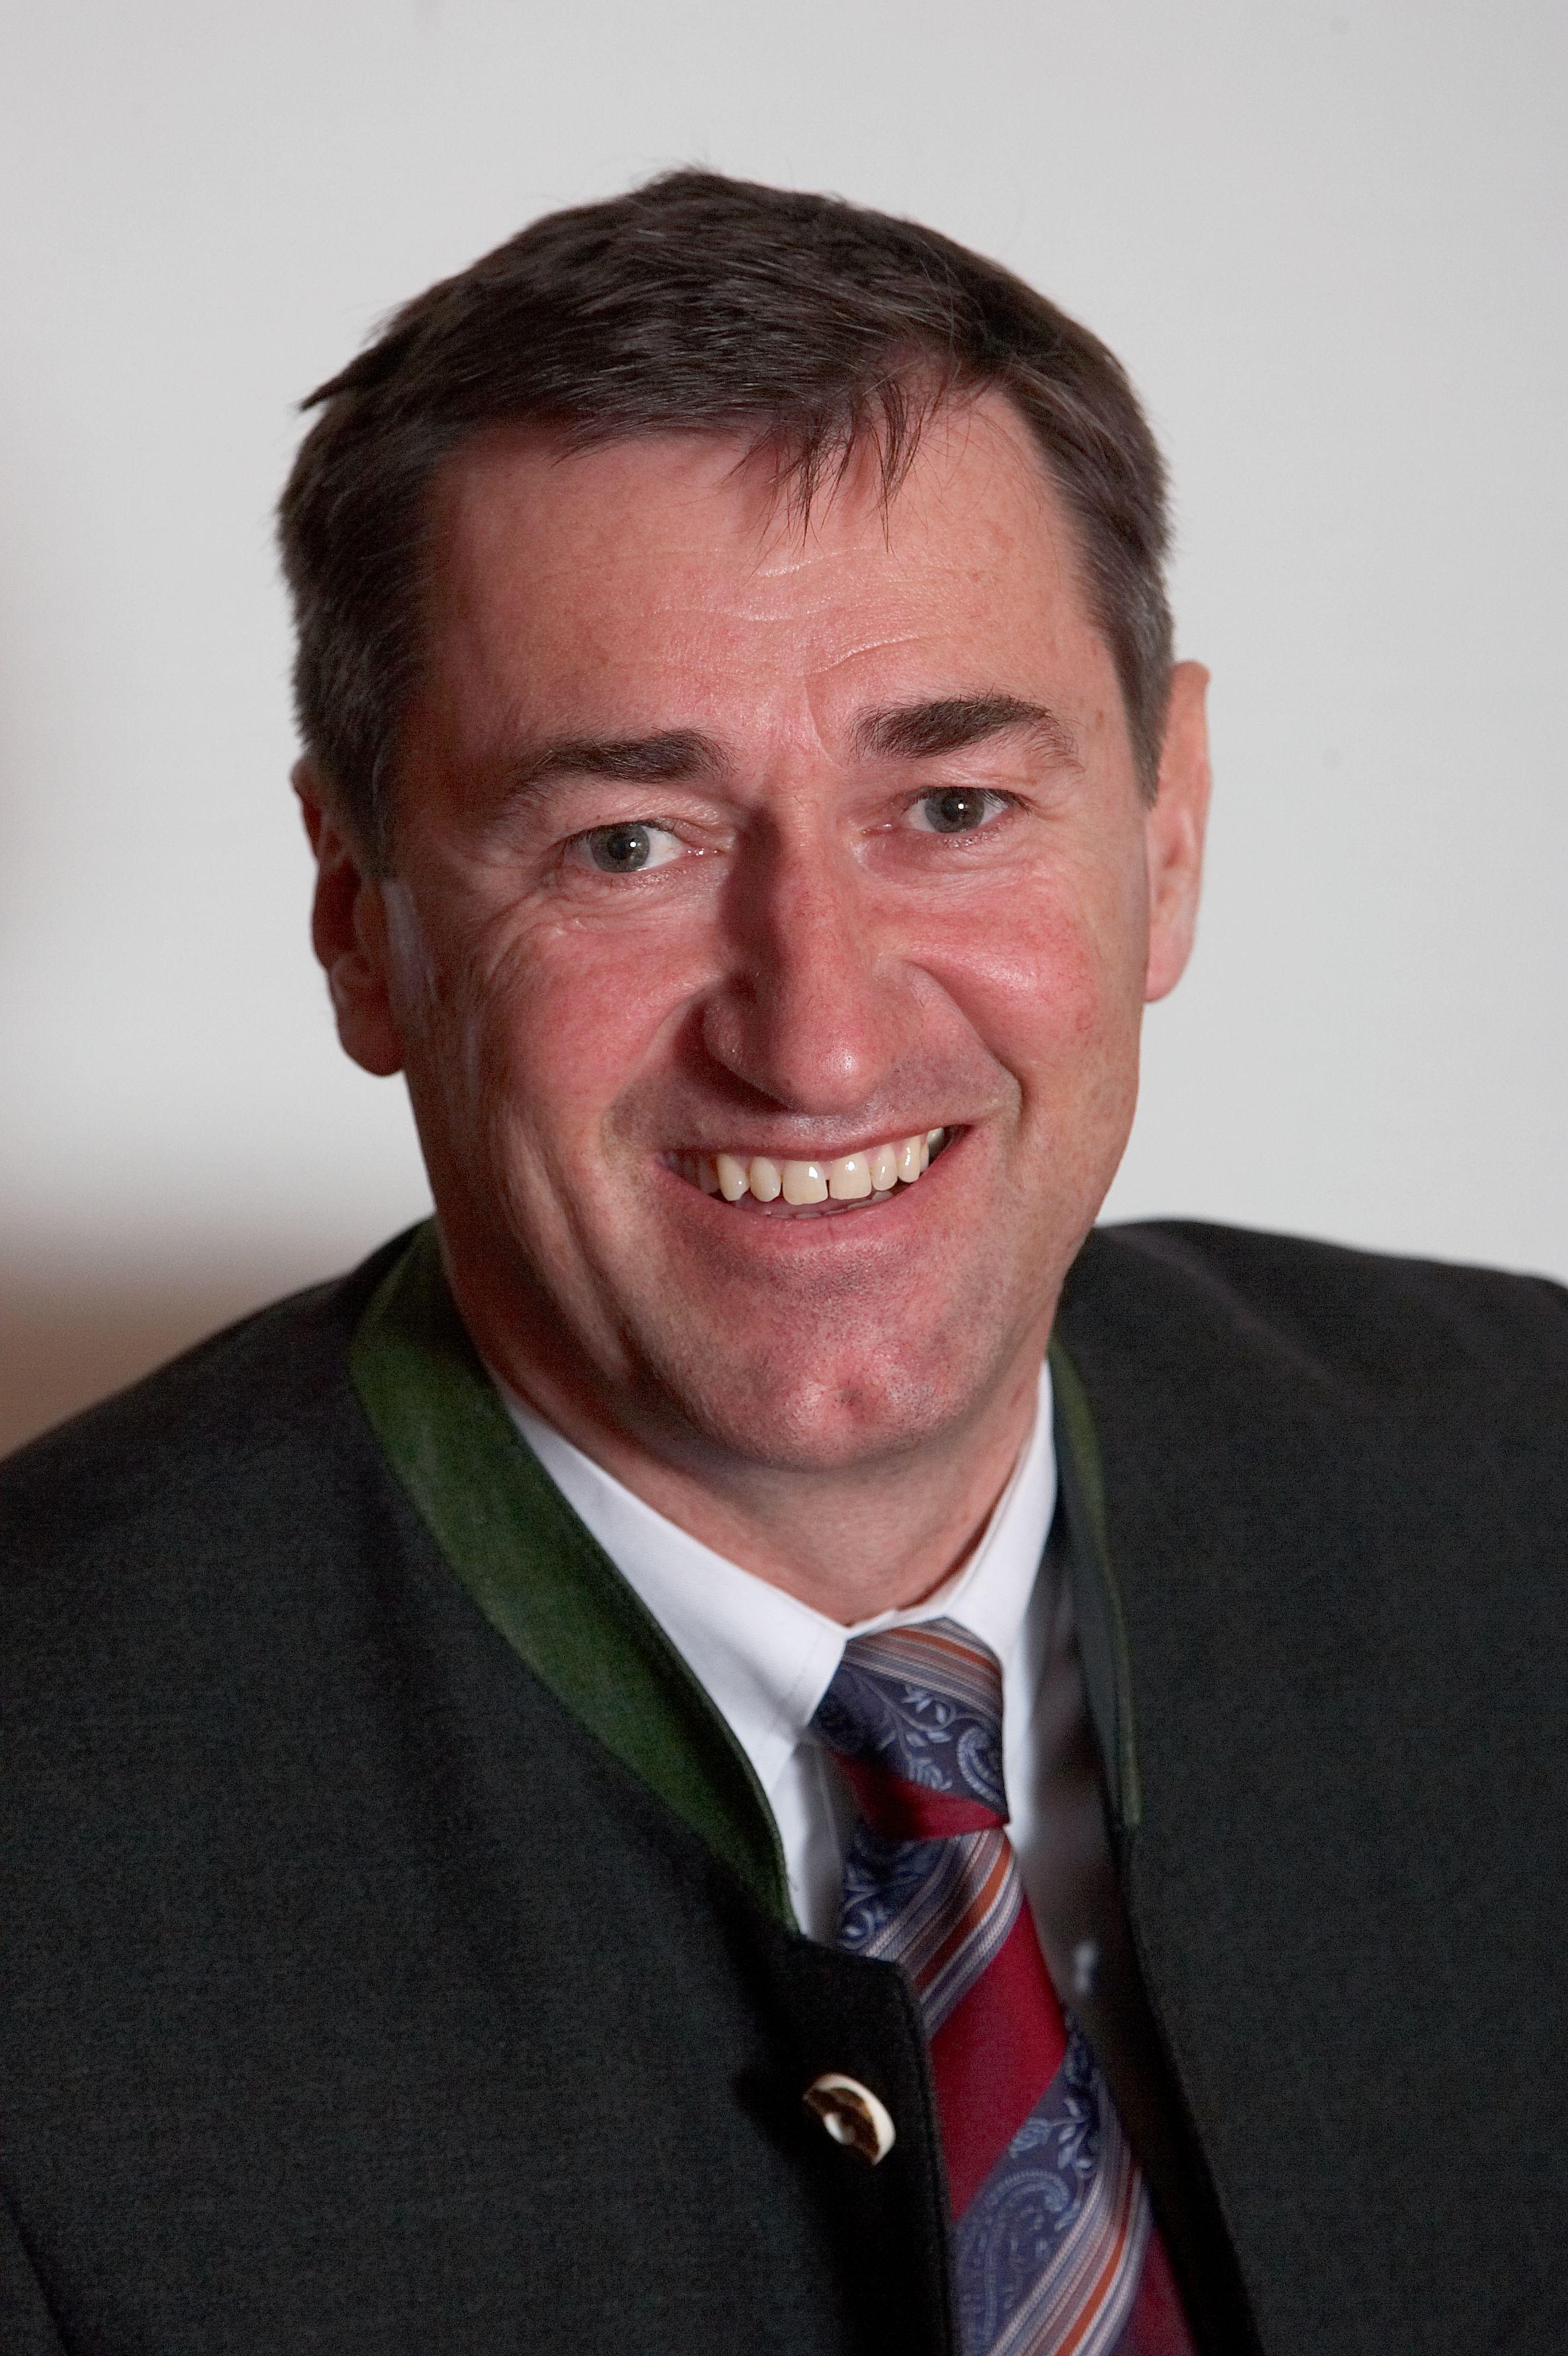 In Den Ruhestand nach 42 Dienstjahren: Generaldirektor Franz Lang. Foto: BMI/Alexander Tuma